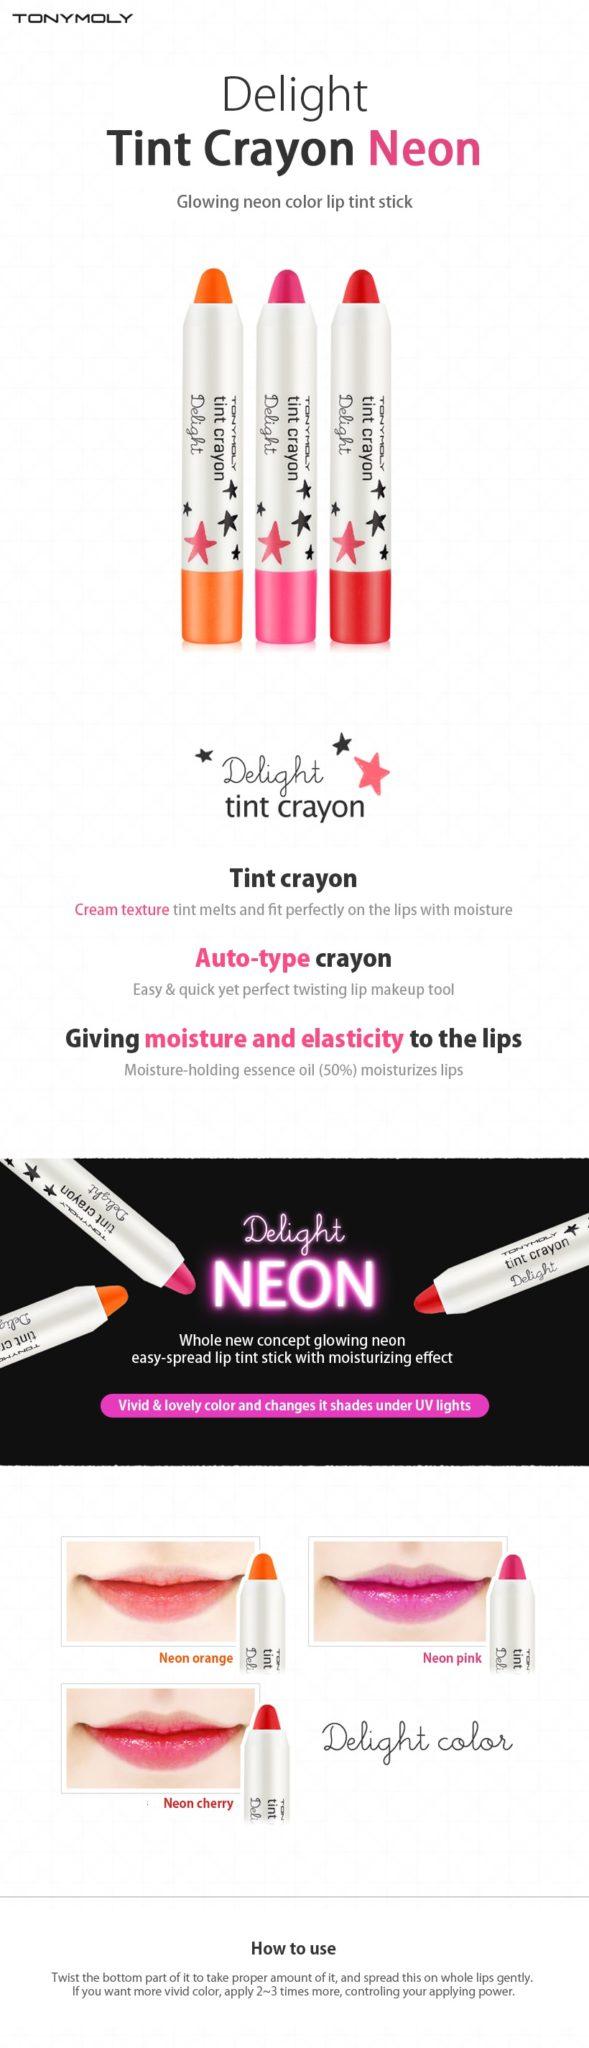 Tonymoly Delight Tint Crayon Neon Korean Beauty Care Shop Malaysia Tony Moly 28g